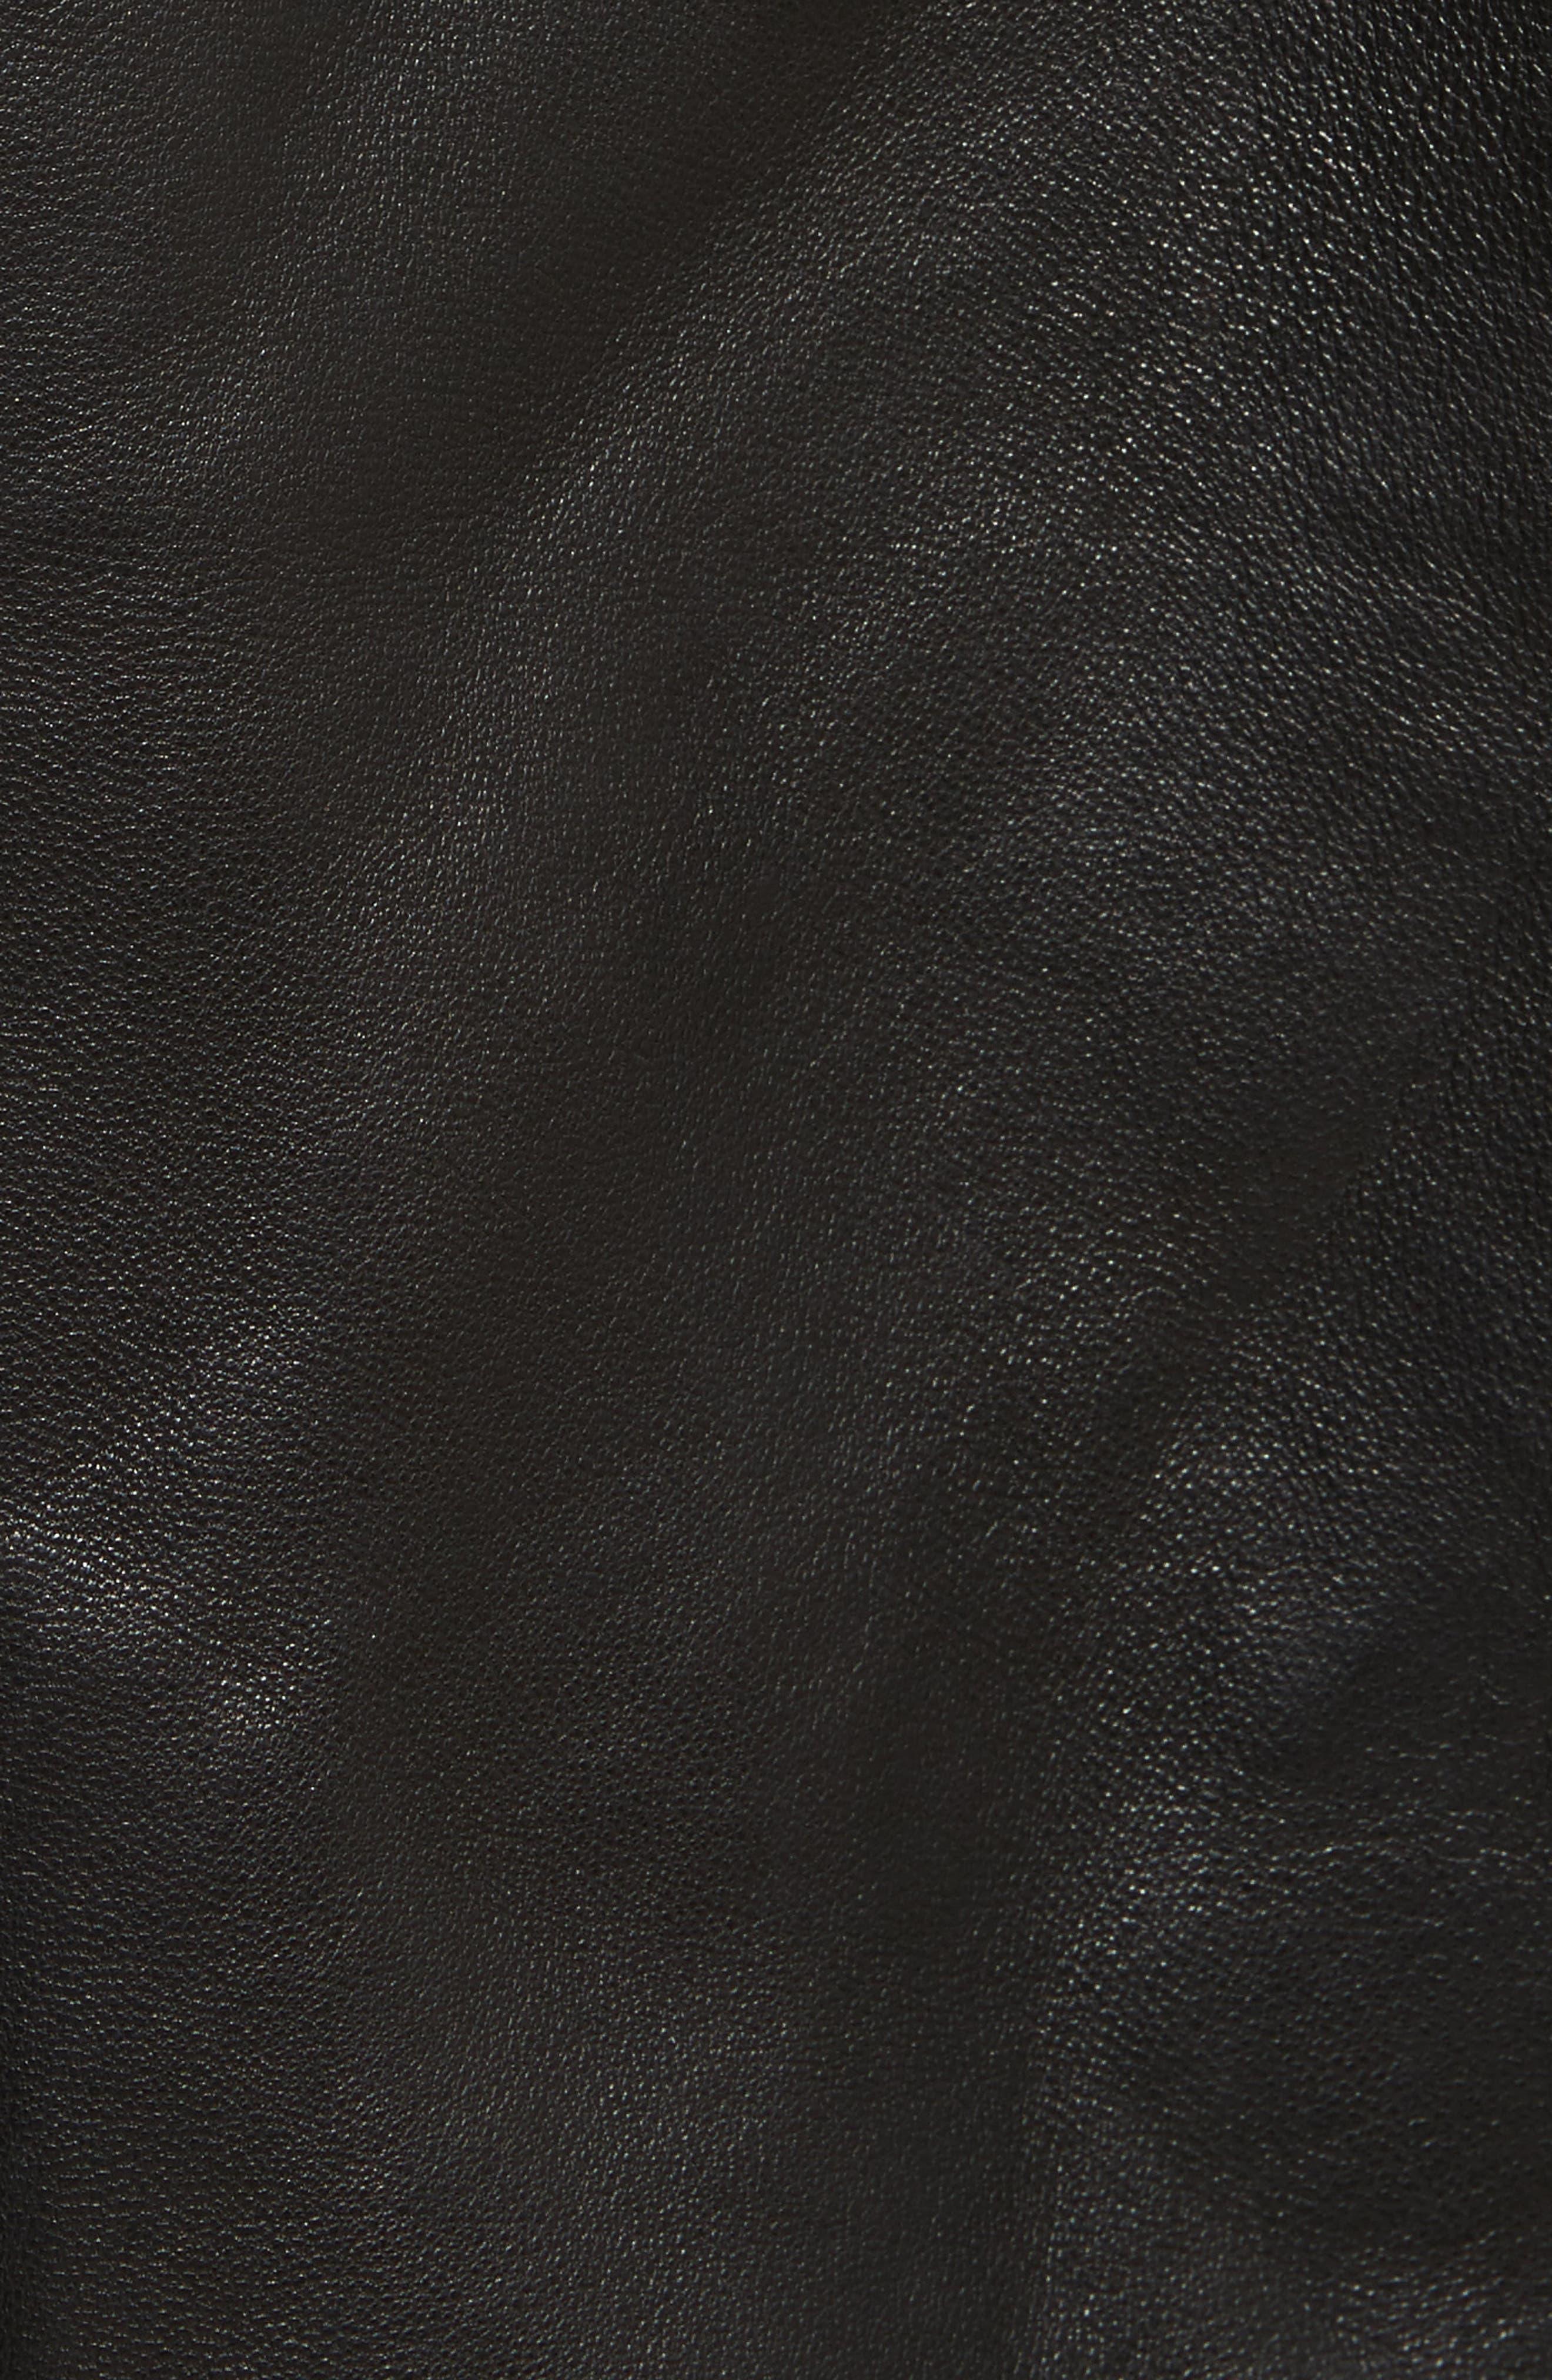 Dumont Leather Jacket,                             Alternate thumbnail 5, color,                             Black